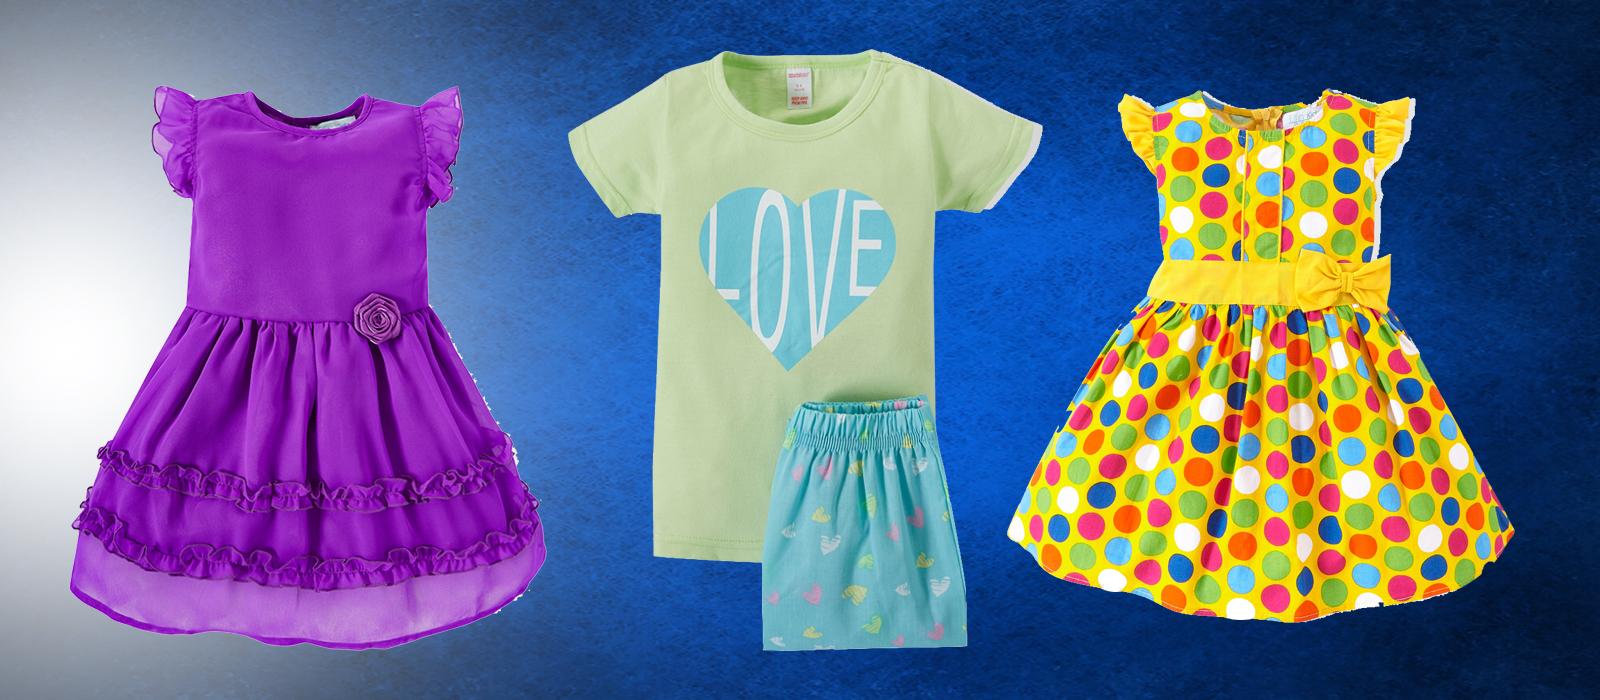 بالصور ملابس اطفال للبيع , اروع تشكيلة ملابس اطفال للبيع 2544 3